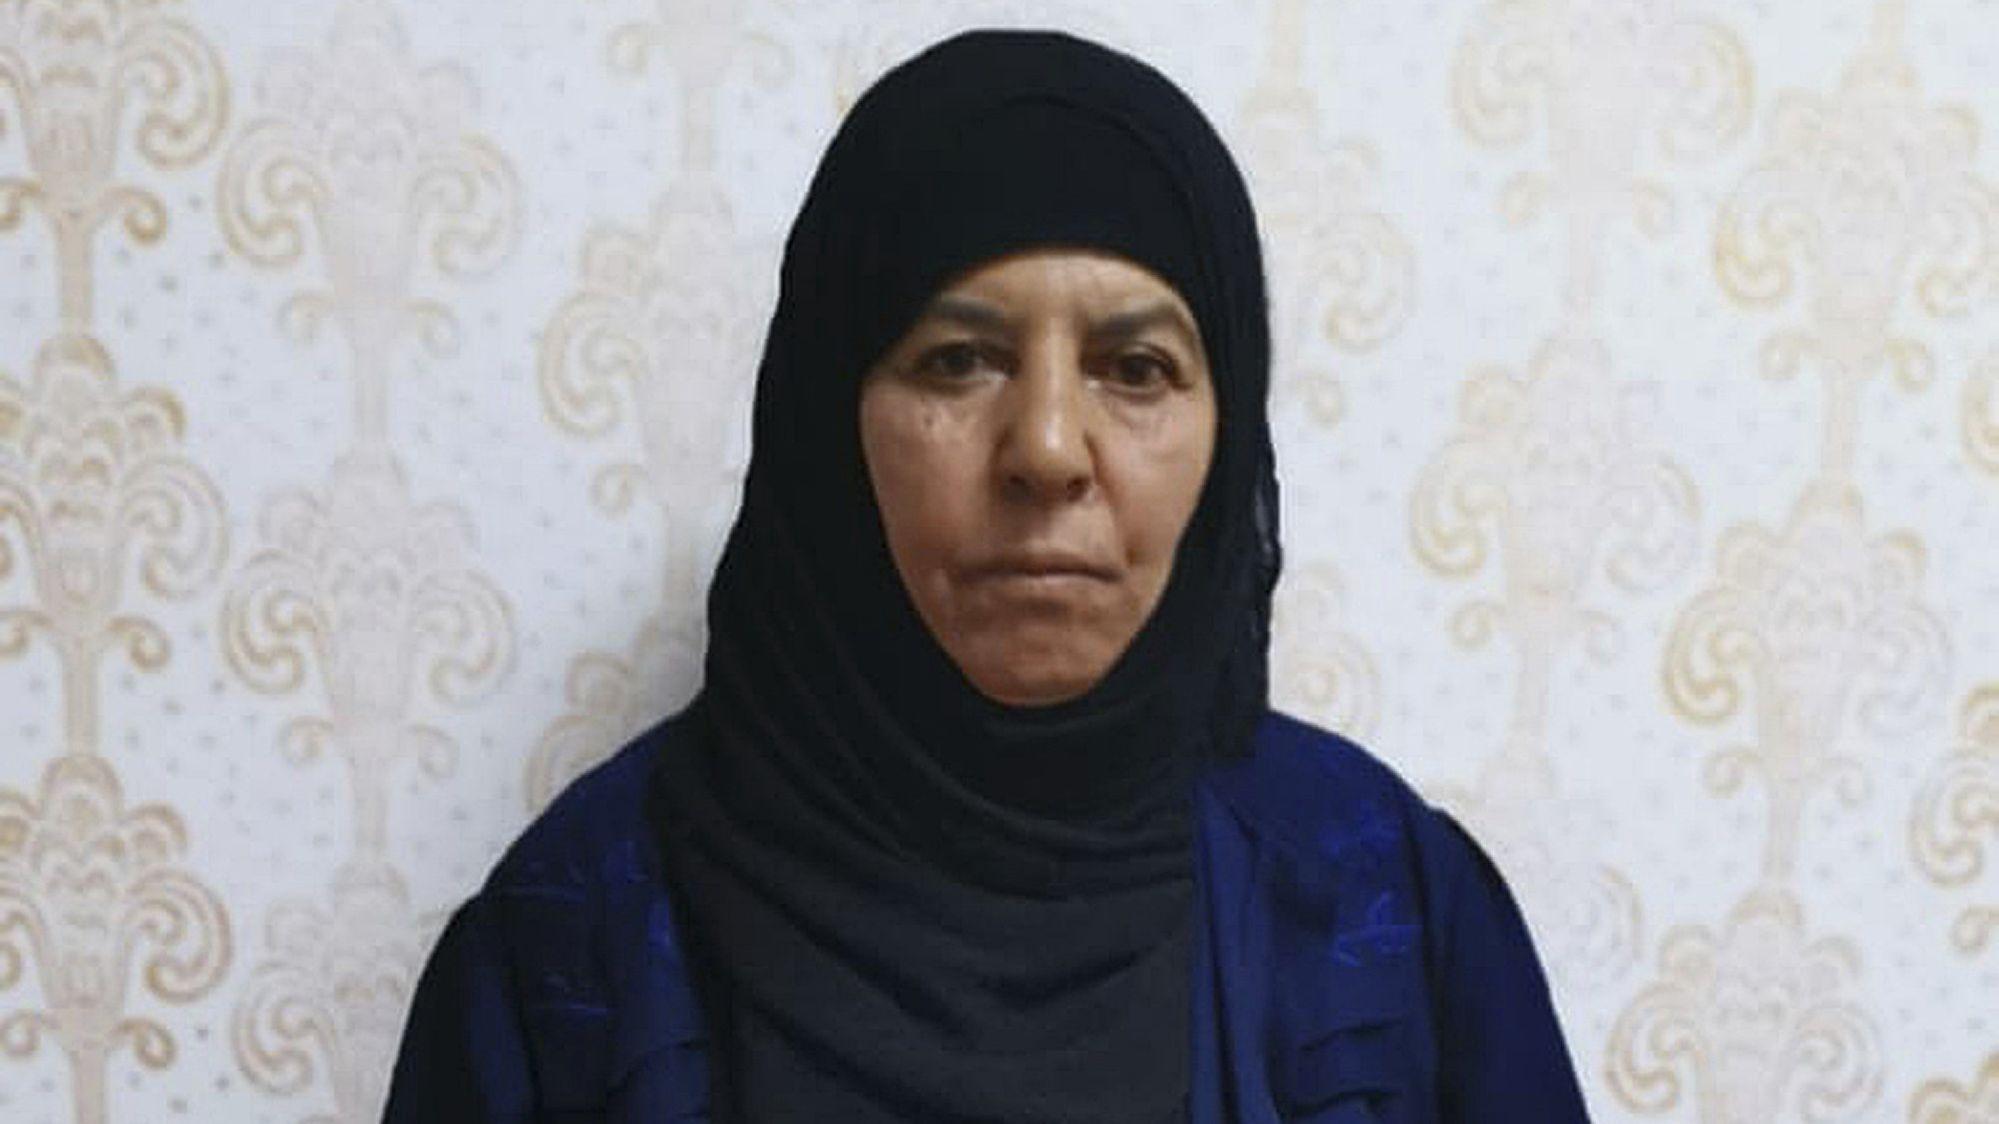 Türkische Soldaten nahmen Rasmija Awad, die Schwester des kürzlich getötetem IS-Anführer Abu Bakr al-Bagdadi fest.